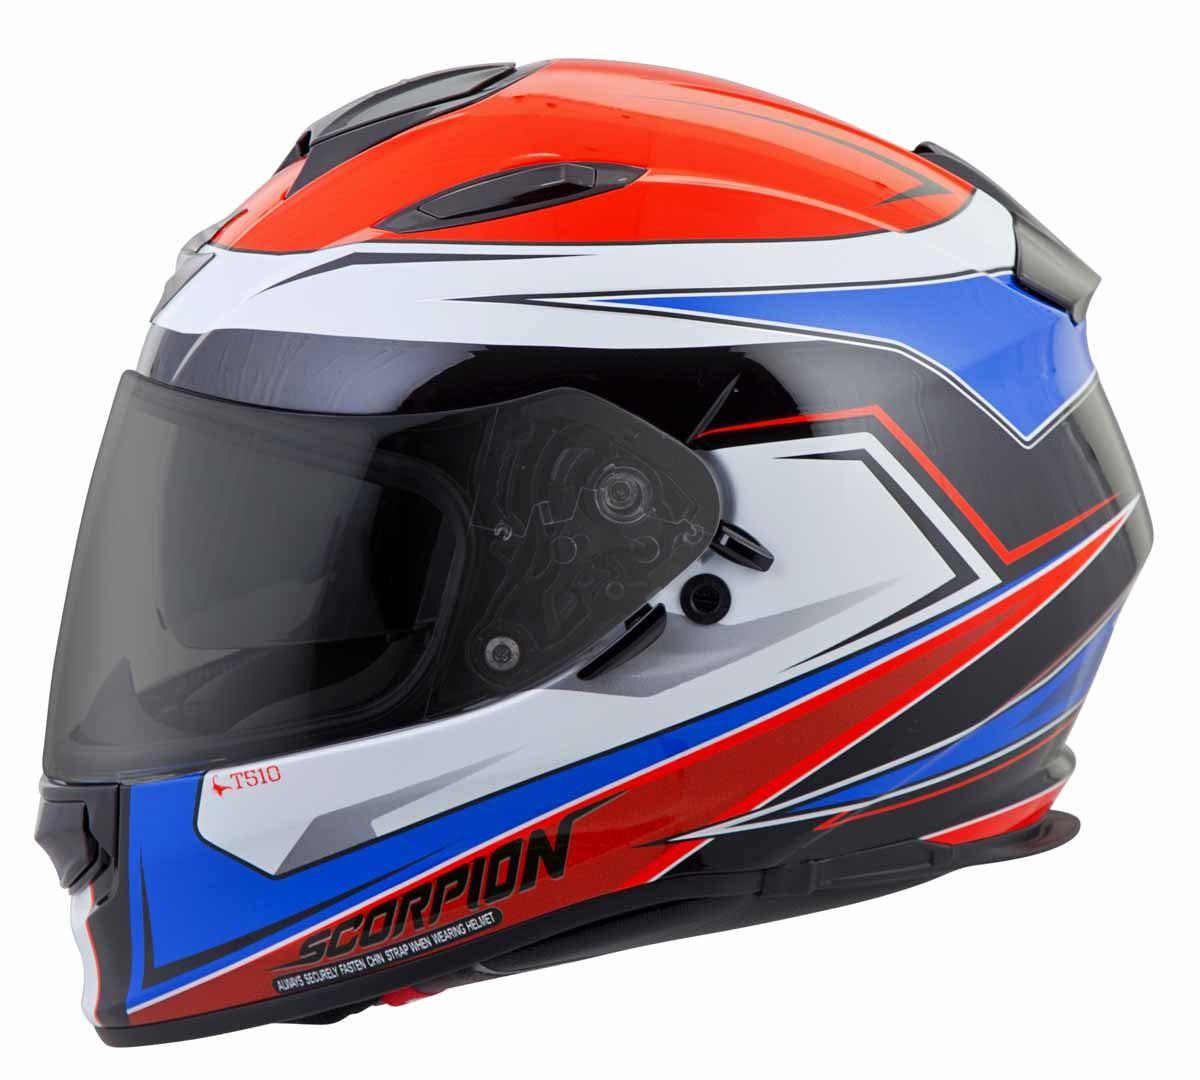 Scorpion-EXO-T510-Helmet-Full-Face-DOT-Approved-Inner-Sun-Shield miniature 32